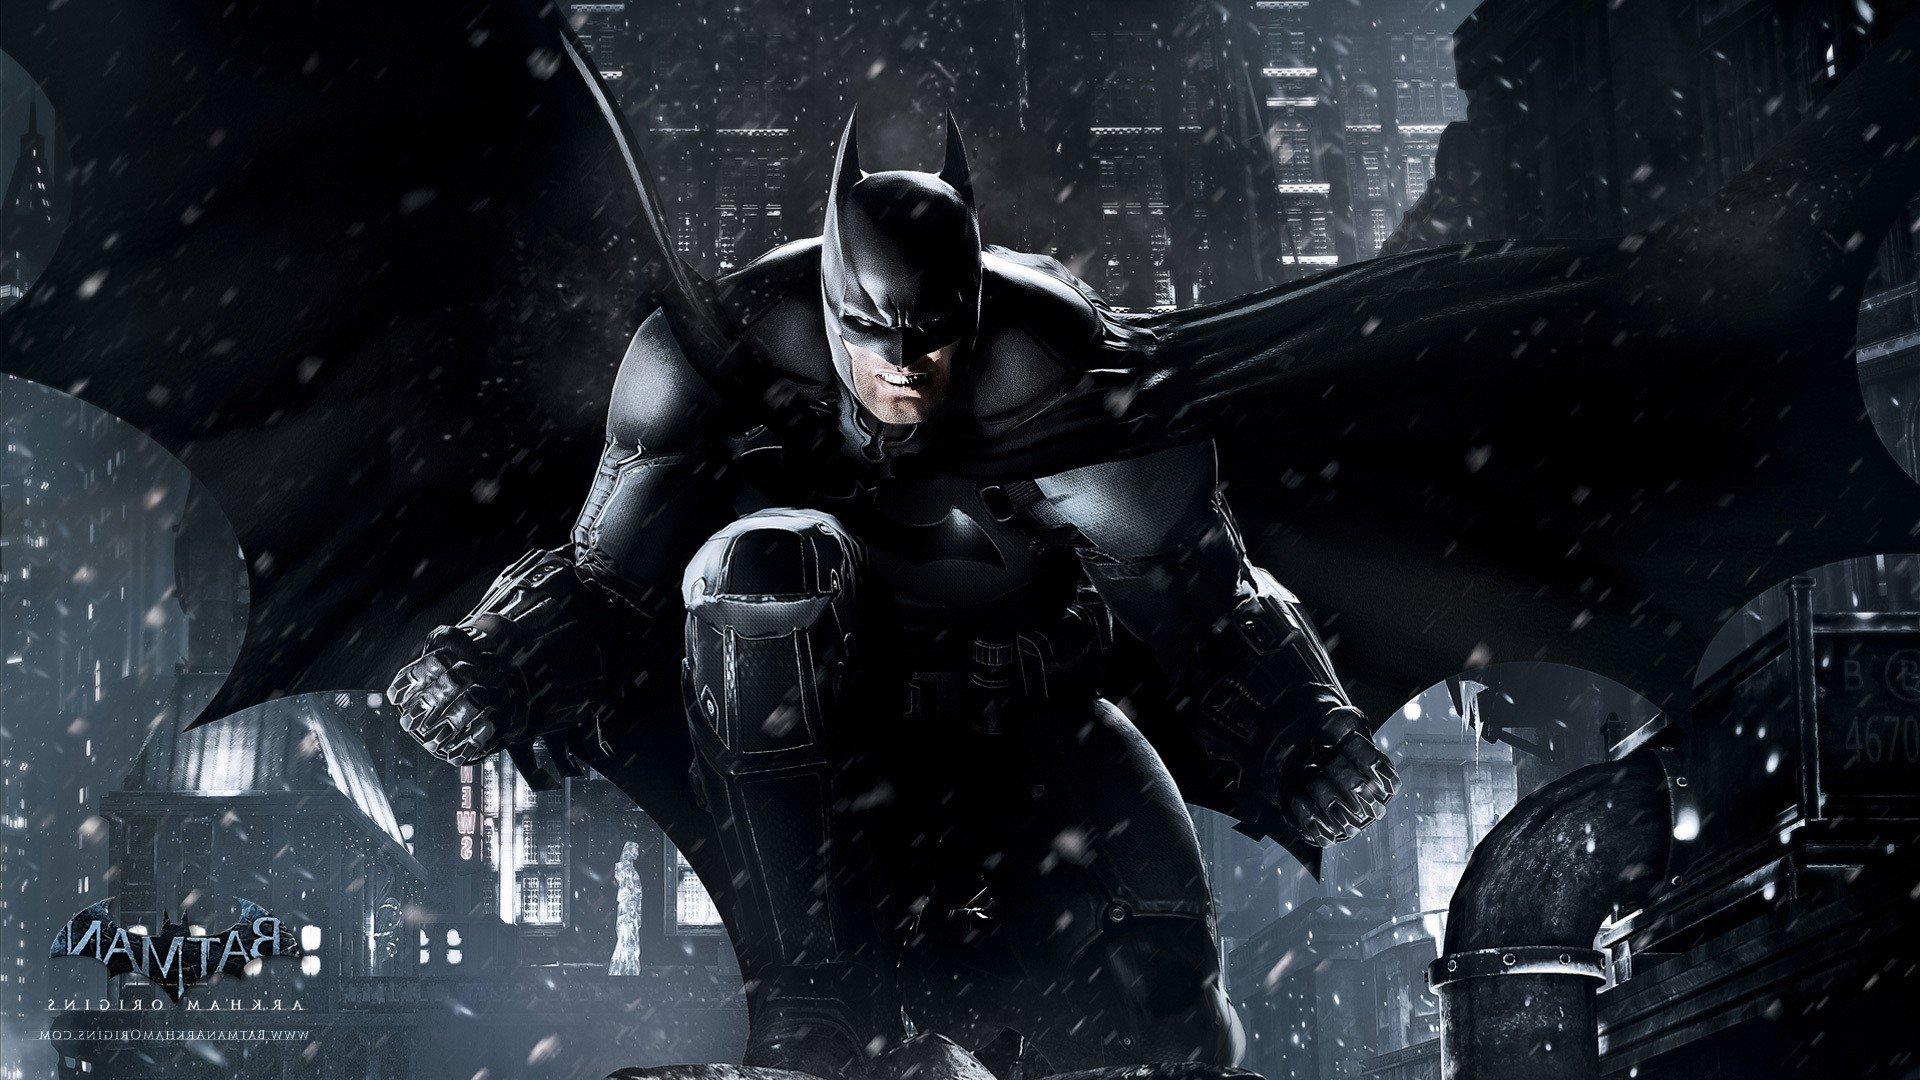 Batman Arkham Origins Wallpaper: Batman Arkham Origins HD, HD Games, 4k Wallpapers, Images